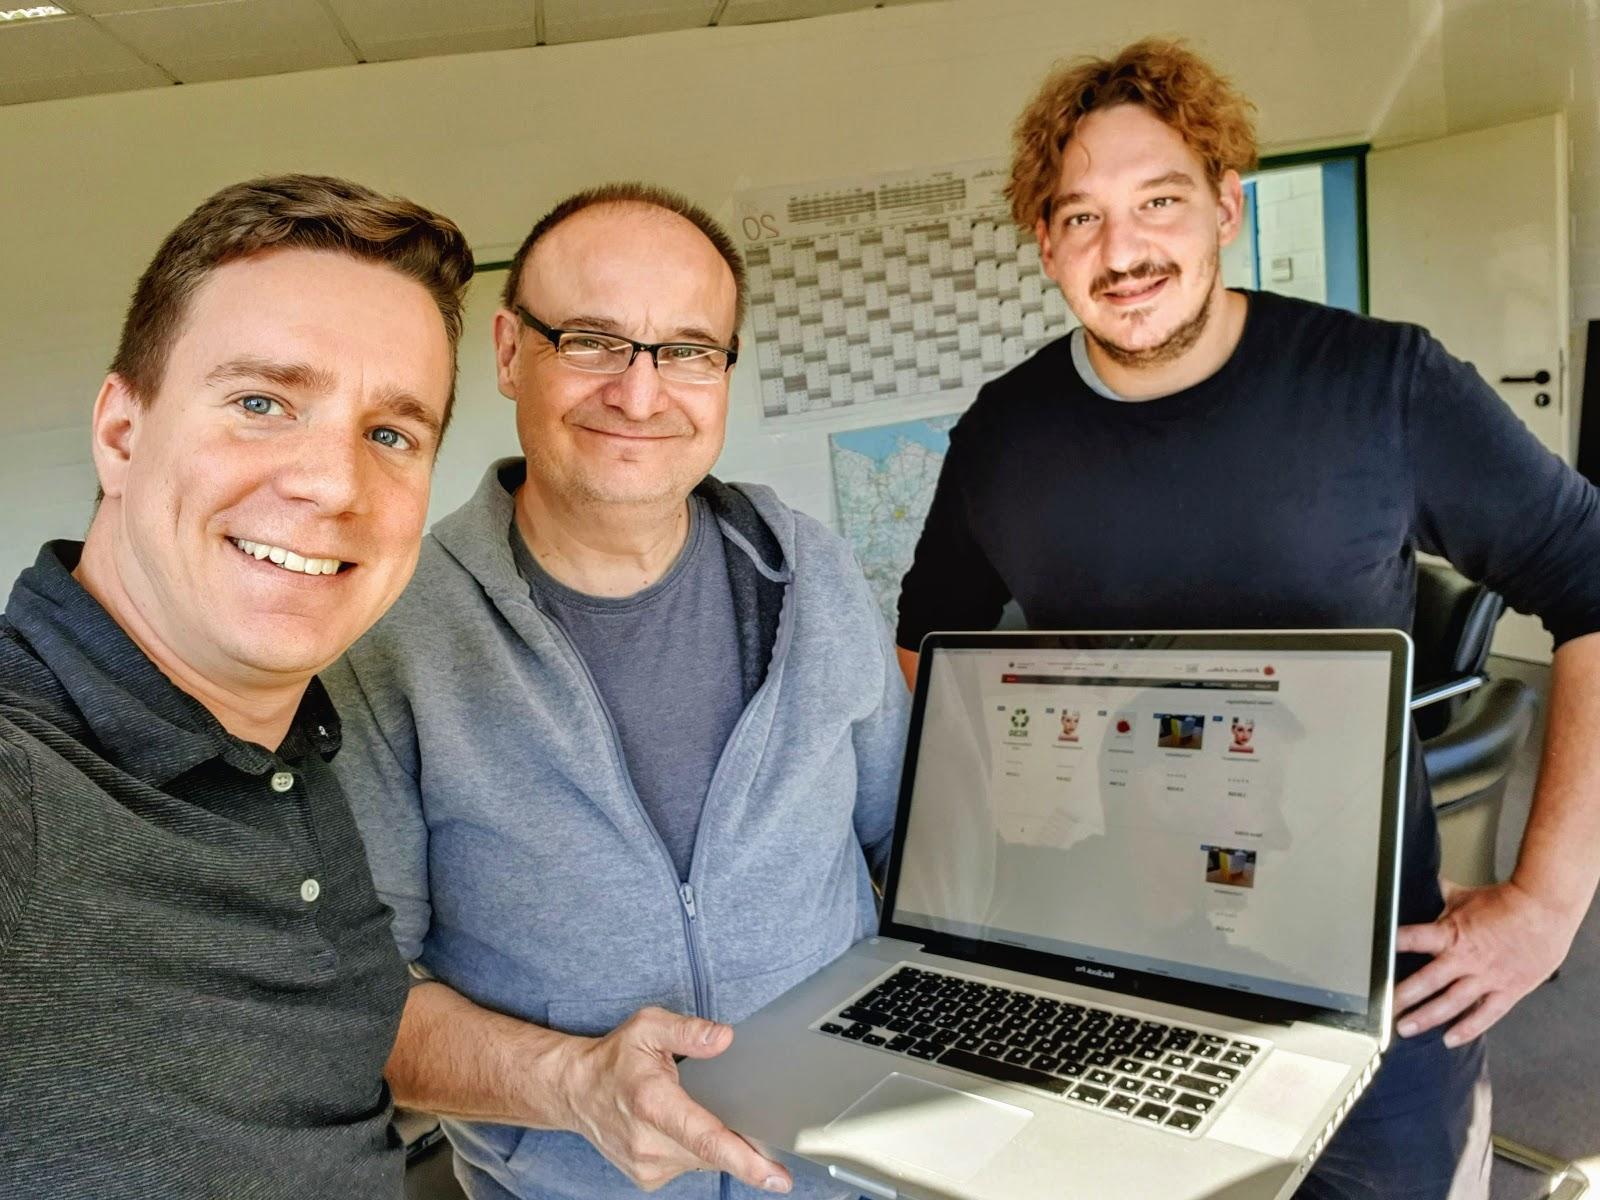 Braun-Klein Siebdruck: Das Team, das den neuen Shop vorangetrieben hat! Von links Torben Bartscherer, Frank Friedrich, Benjamin Lichter